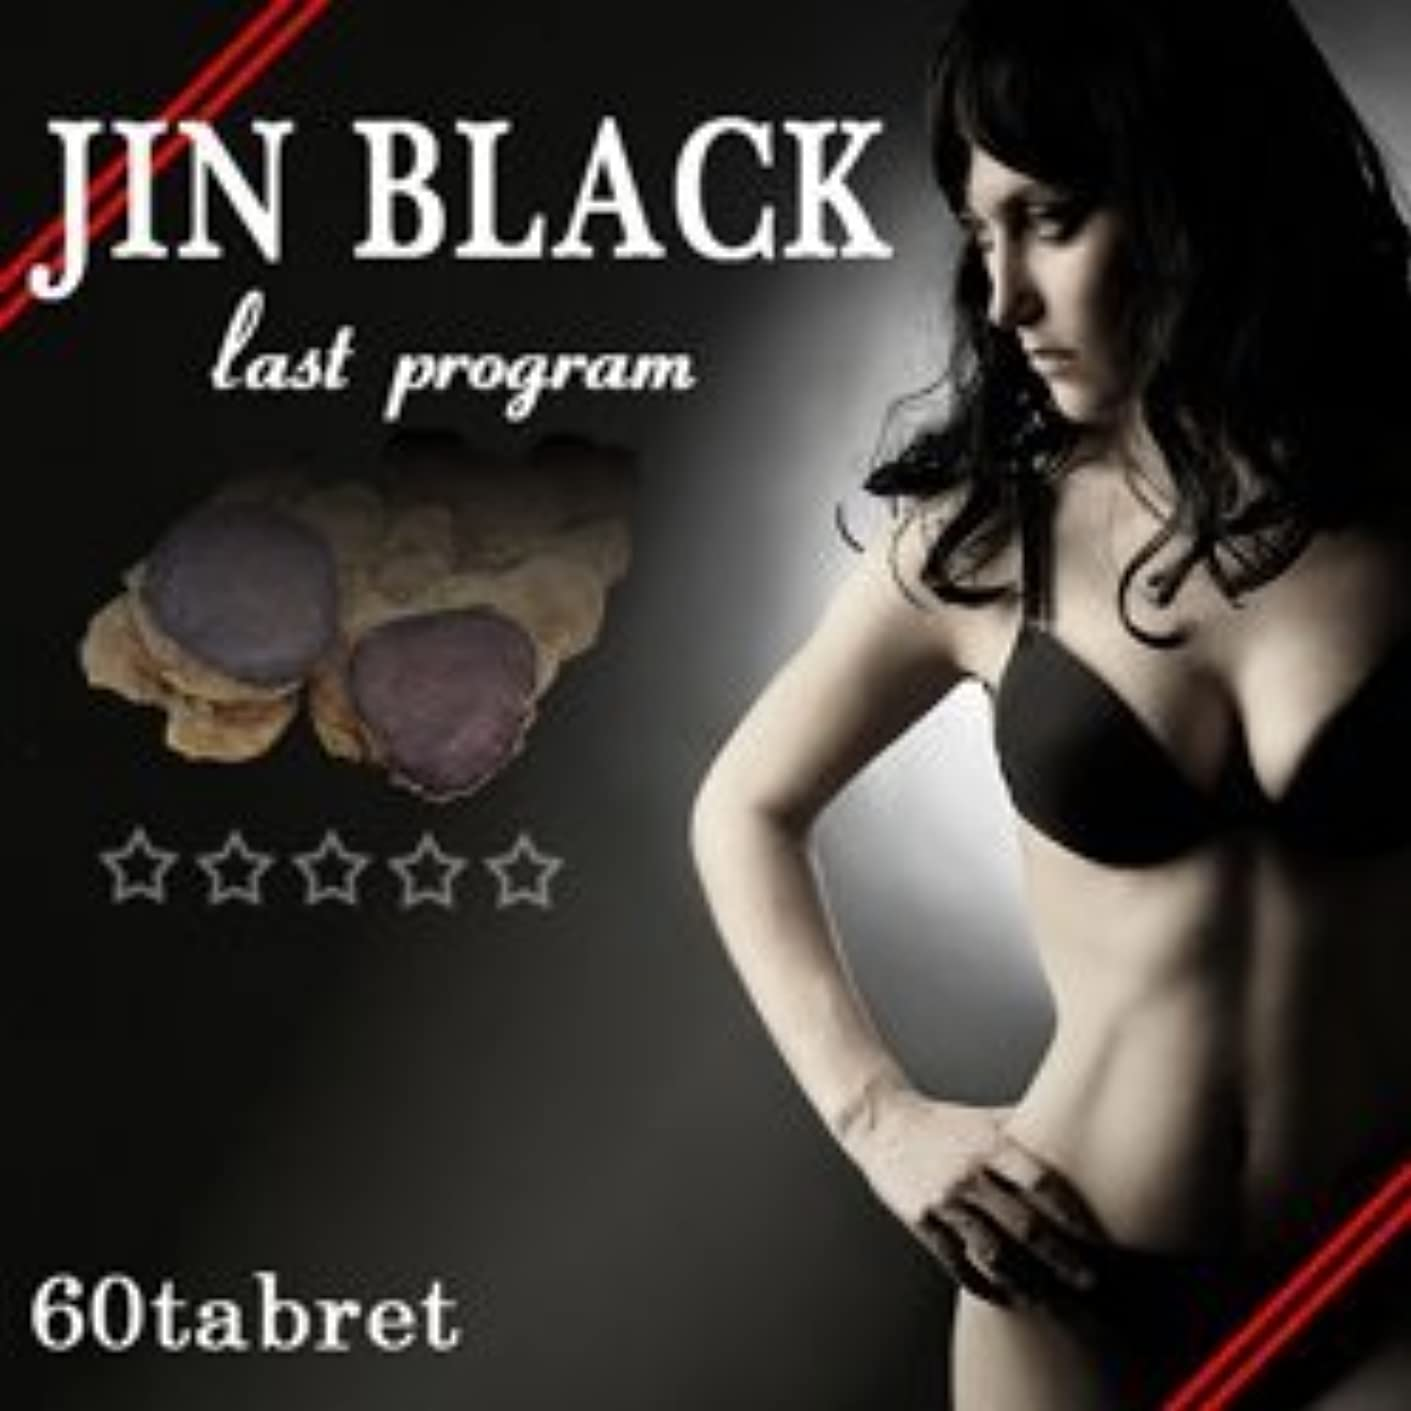 魅惑する赤道海賊ジンブラック ダイエットサプリ (3)